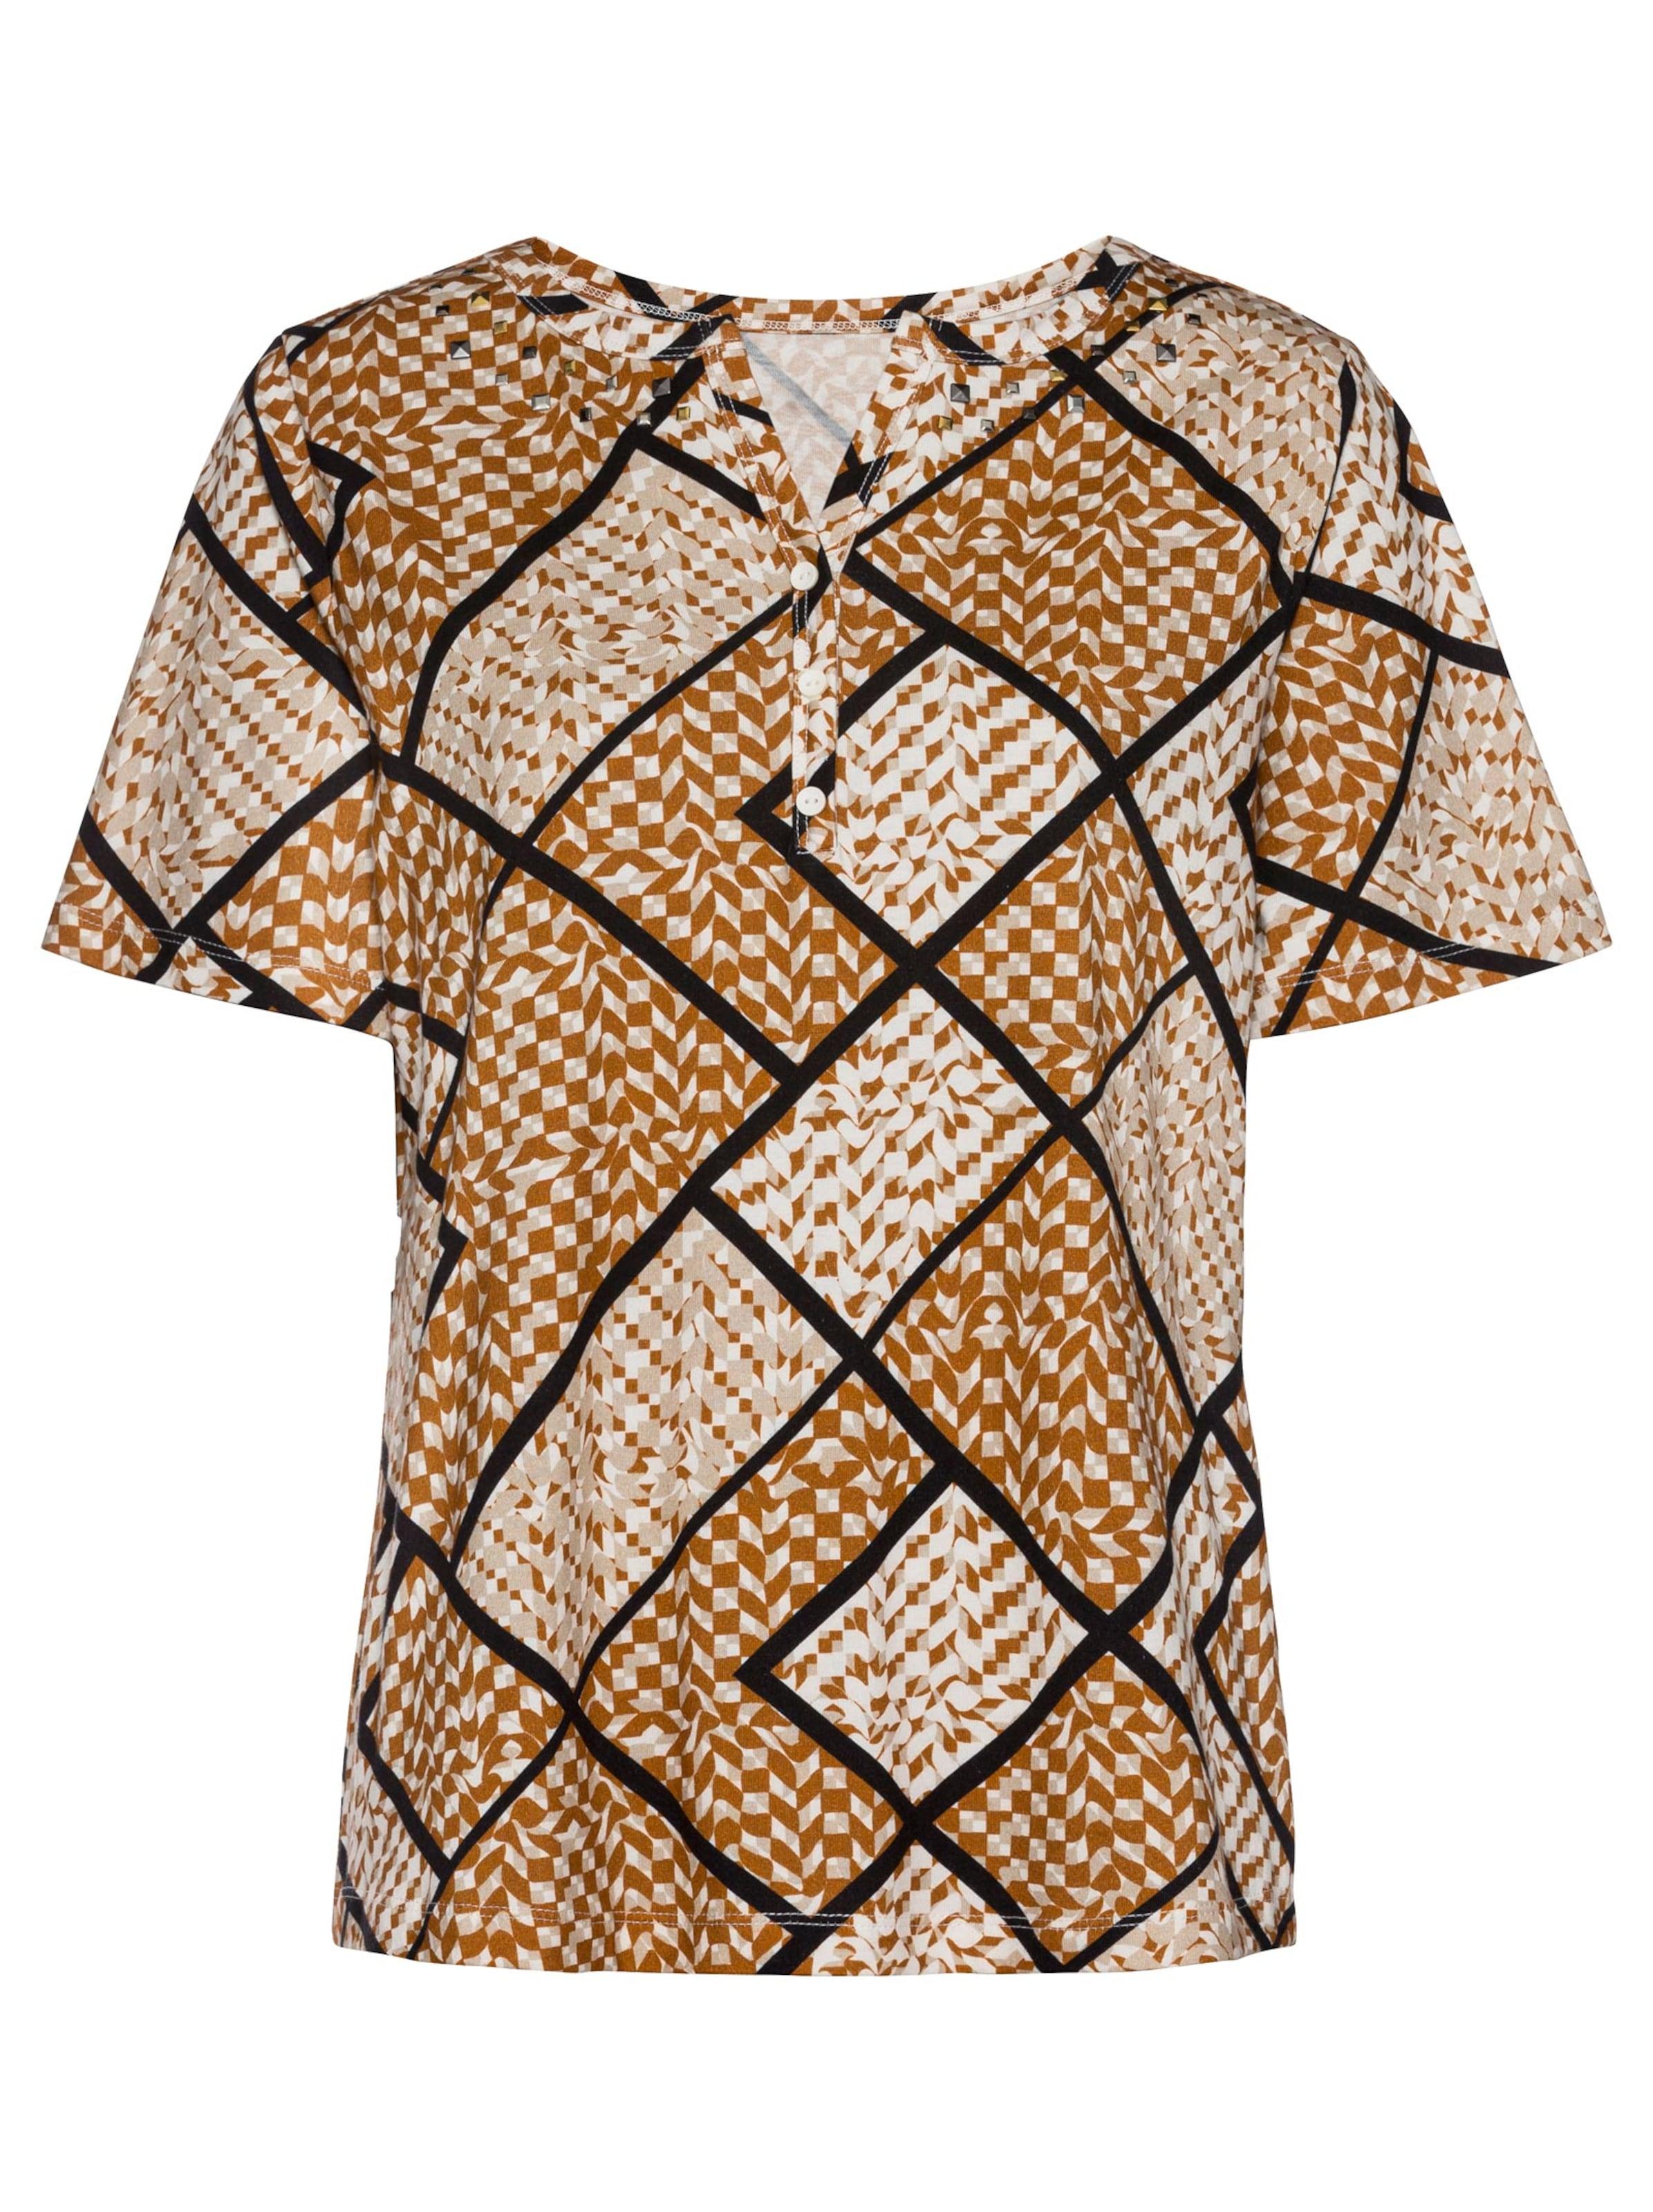 witt weiden -  Damen Shirt cognac-beige-bedruckt